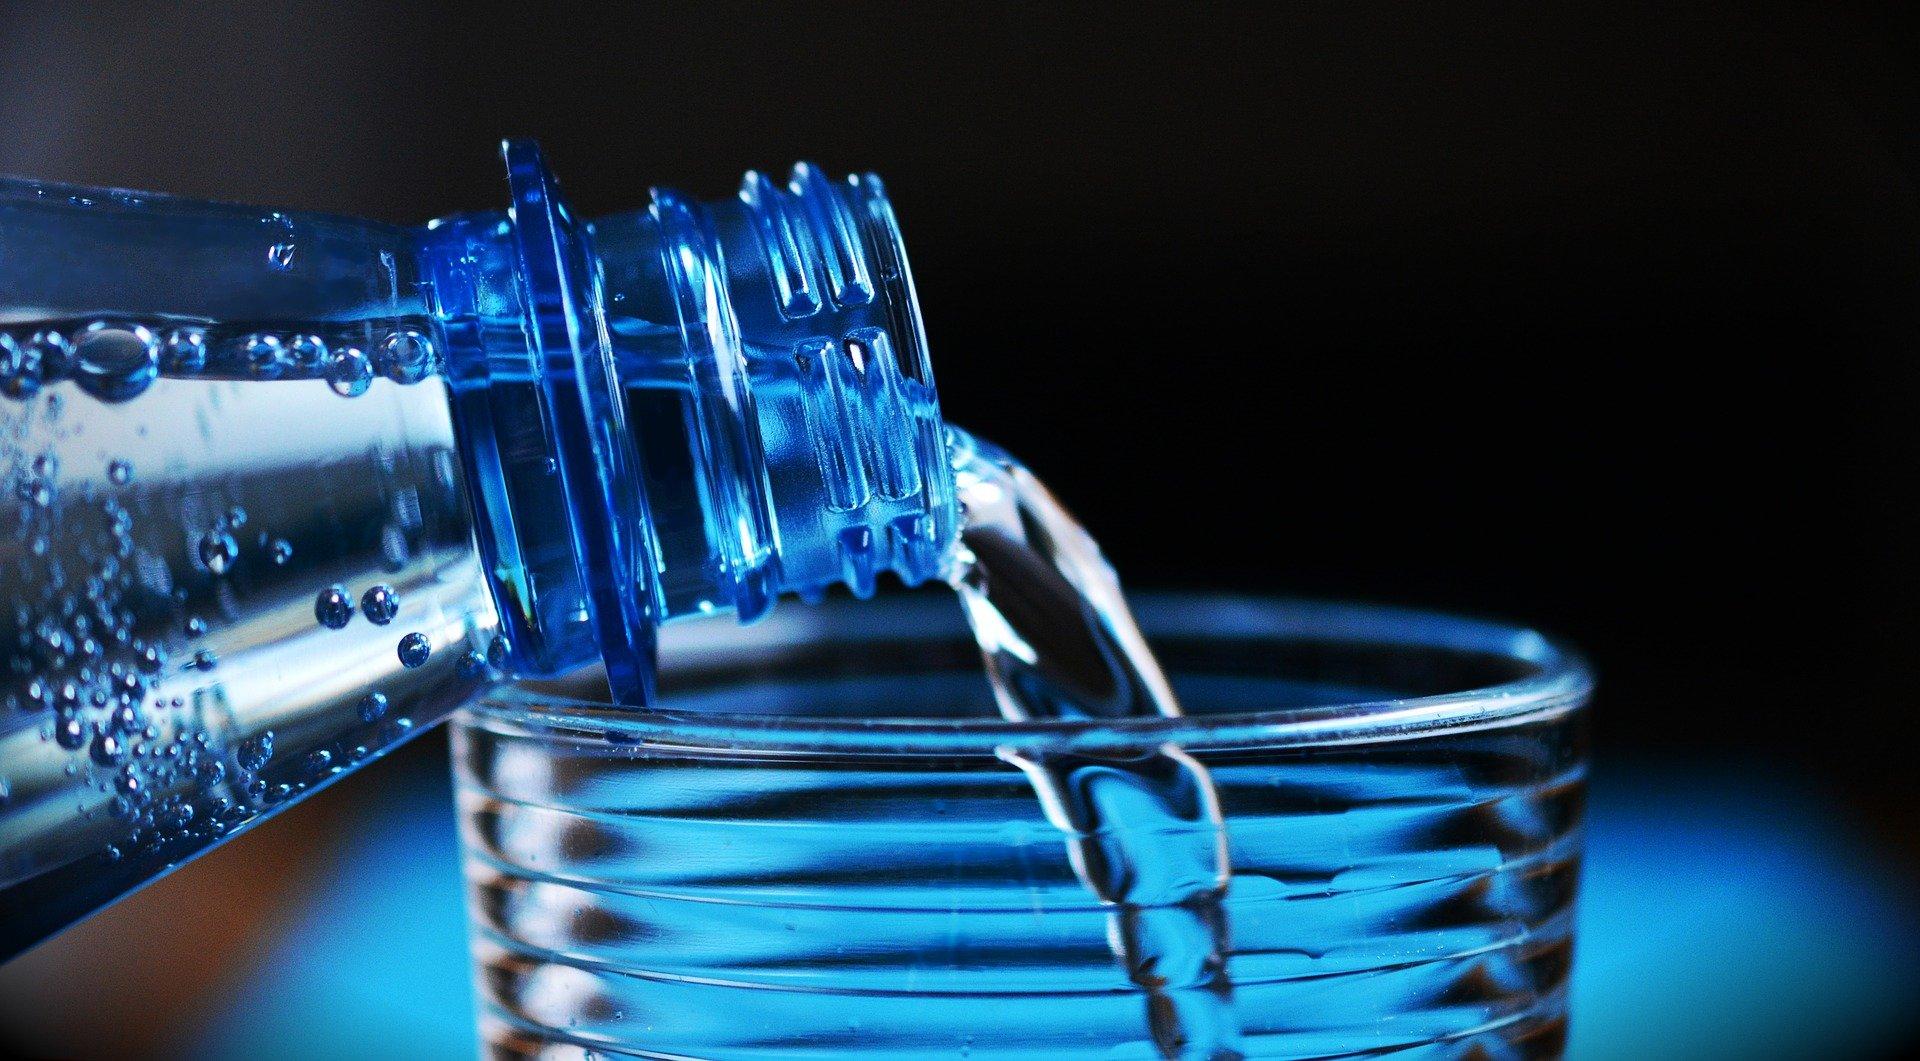 Une bouteille d'eau minérale naturelle